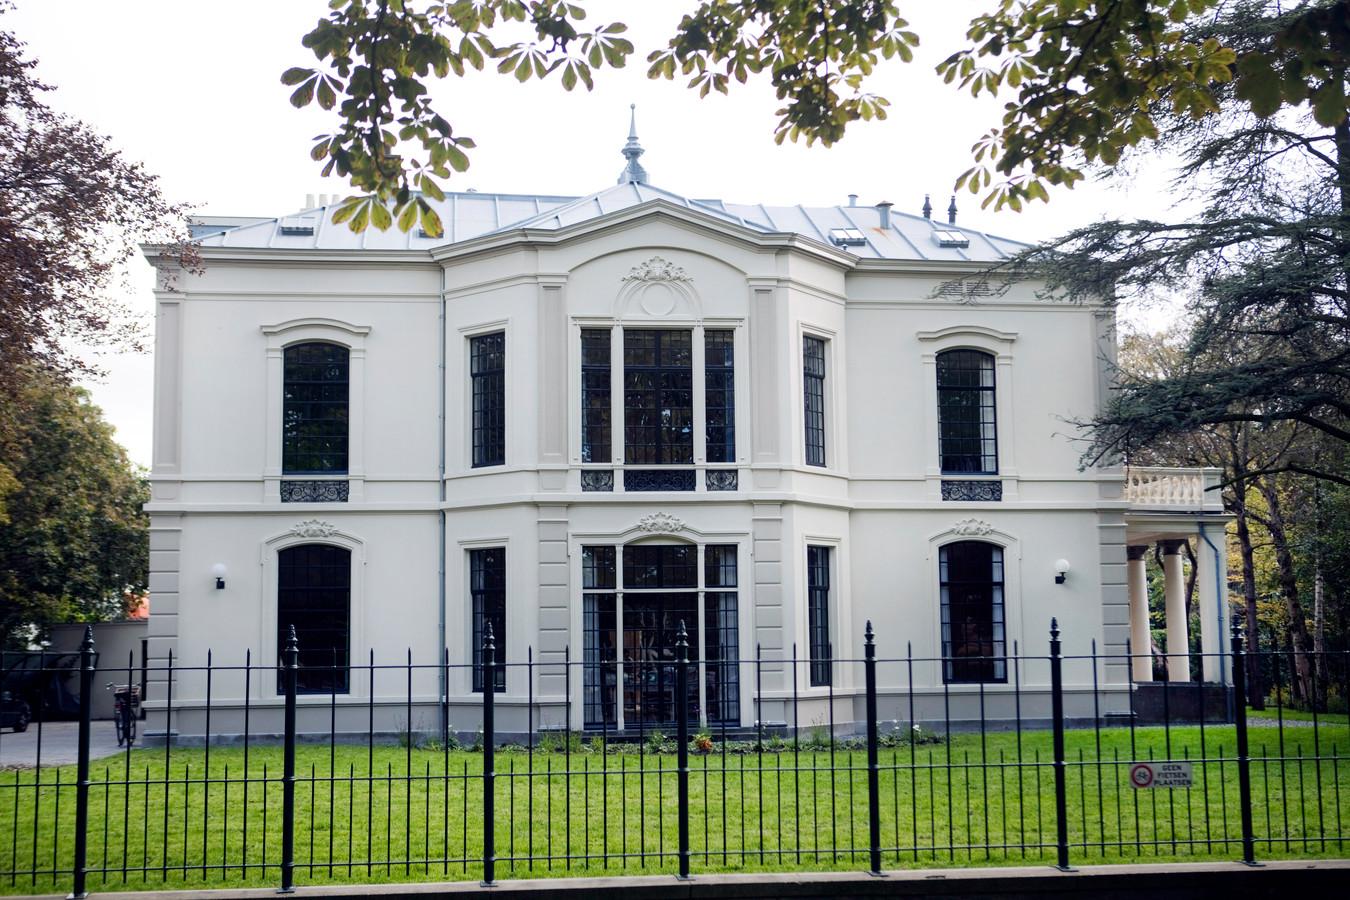 Israël kocht het statige pand op Plein 1813 van het Rijksvastgoedbedrijf.